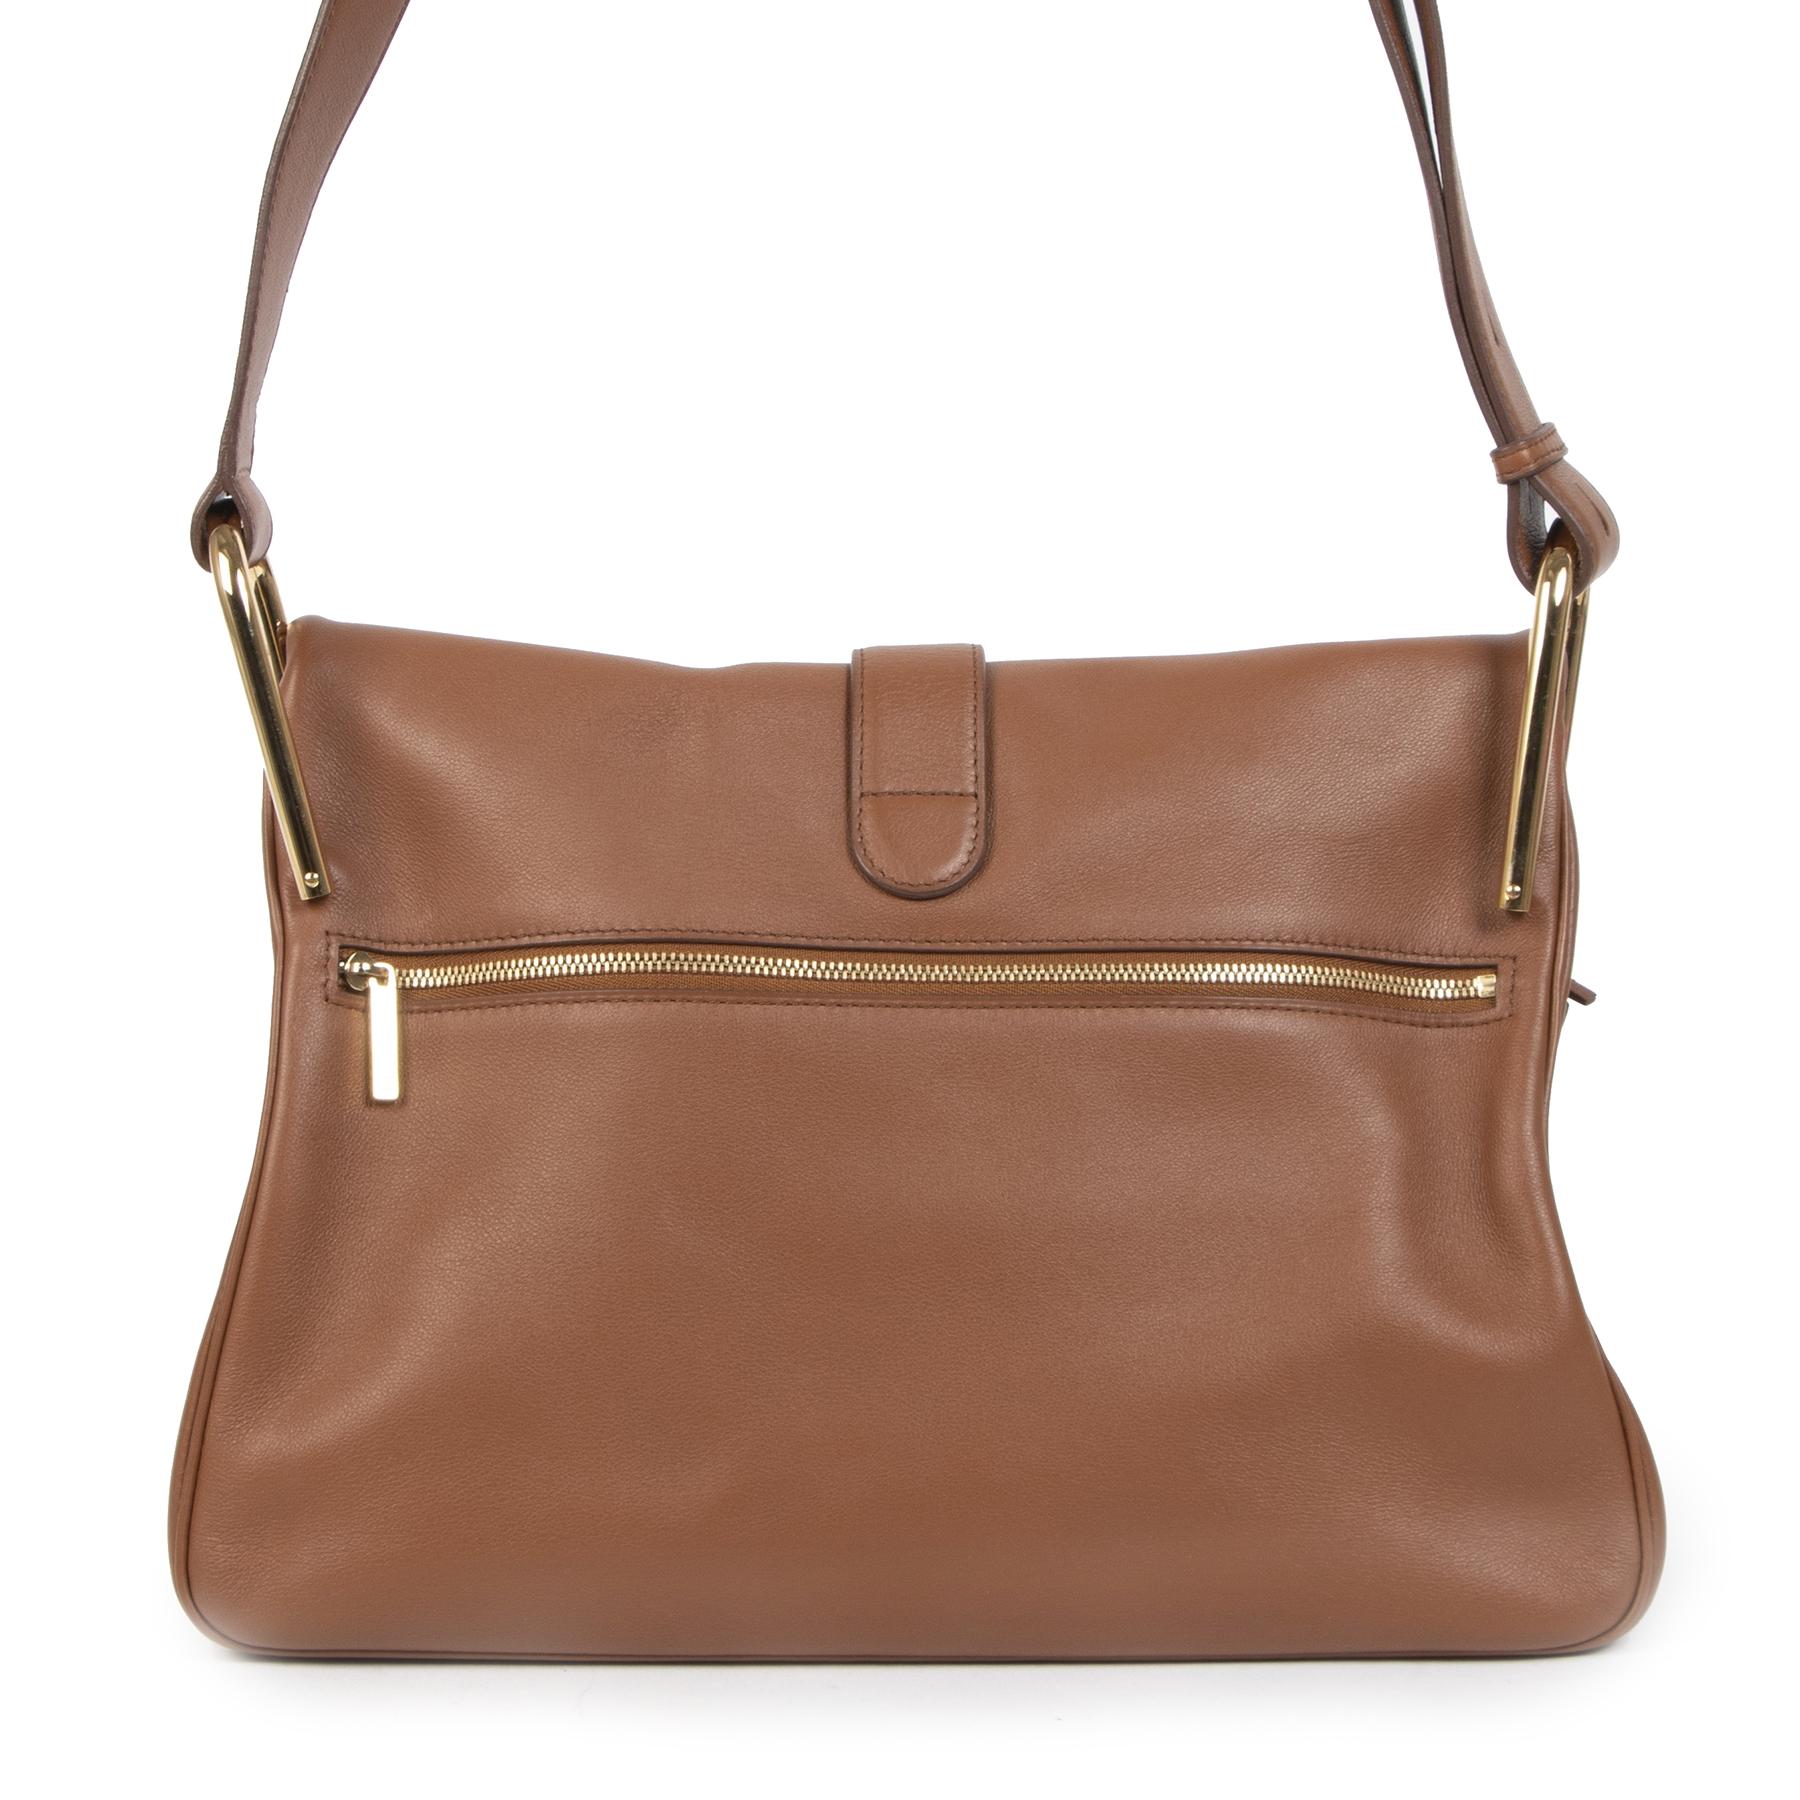 Winkel veilig online bij LabelLOV Antwerpen voor authentieke tweedehands Delvaux Polo Givry Camel Shoulder Bag